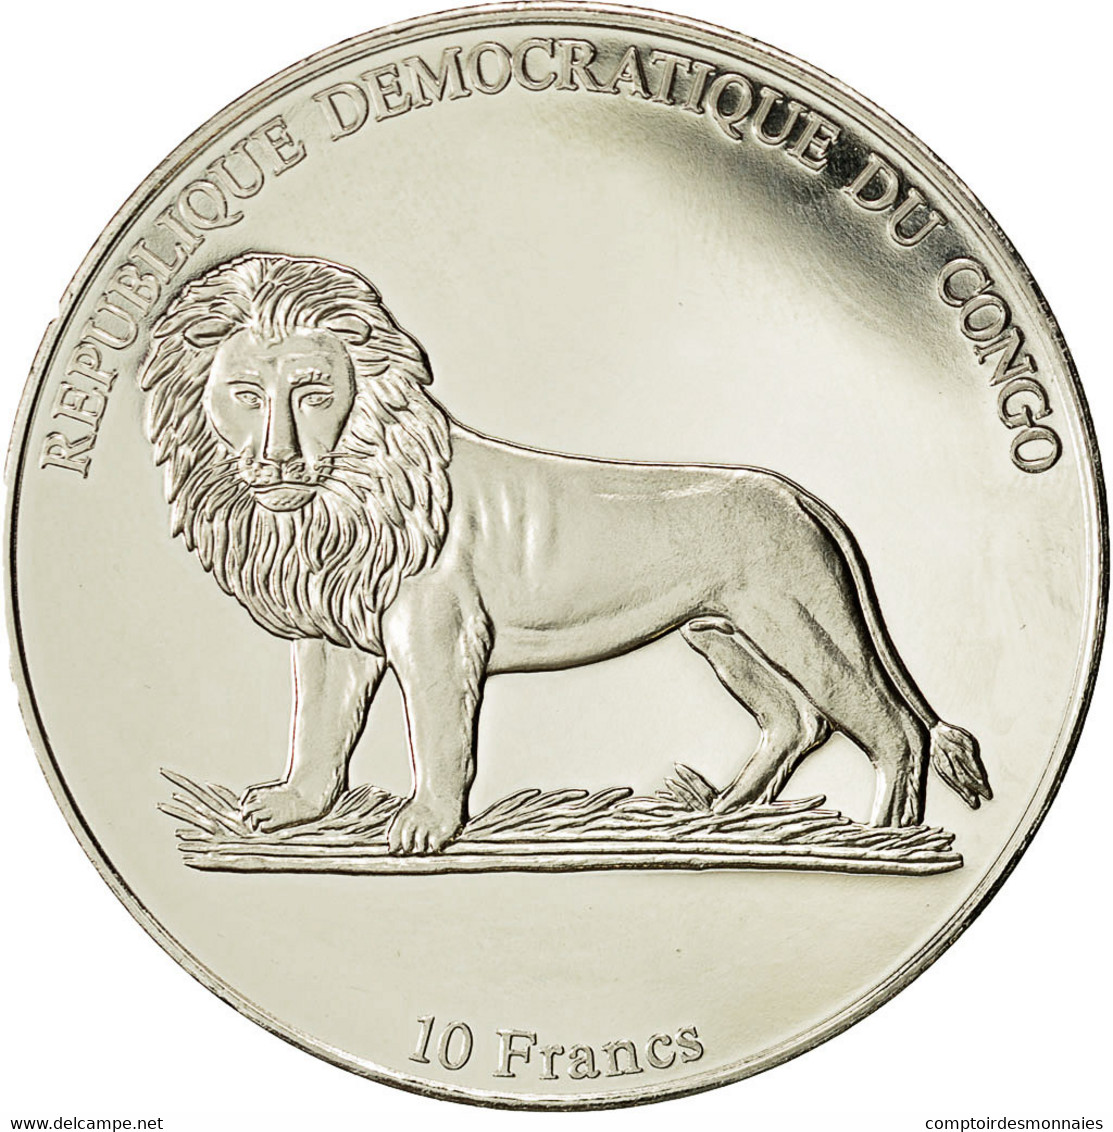 Monnaie, CONGO, DEMOCRATIC REPUBLIC, 10 Francs, 2002, FDC, Copper-nickel, KM:194 - Congo (República Democrática 1998)